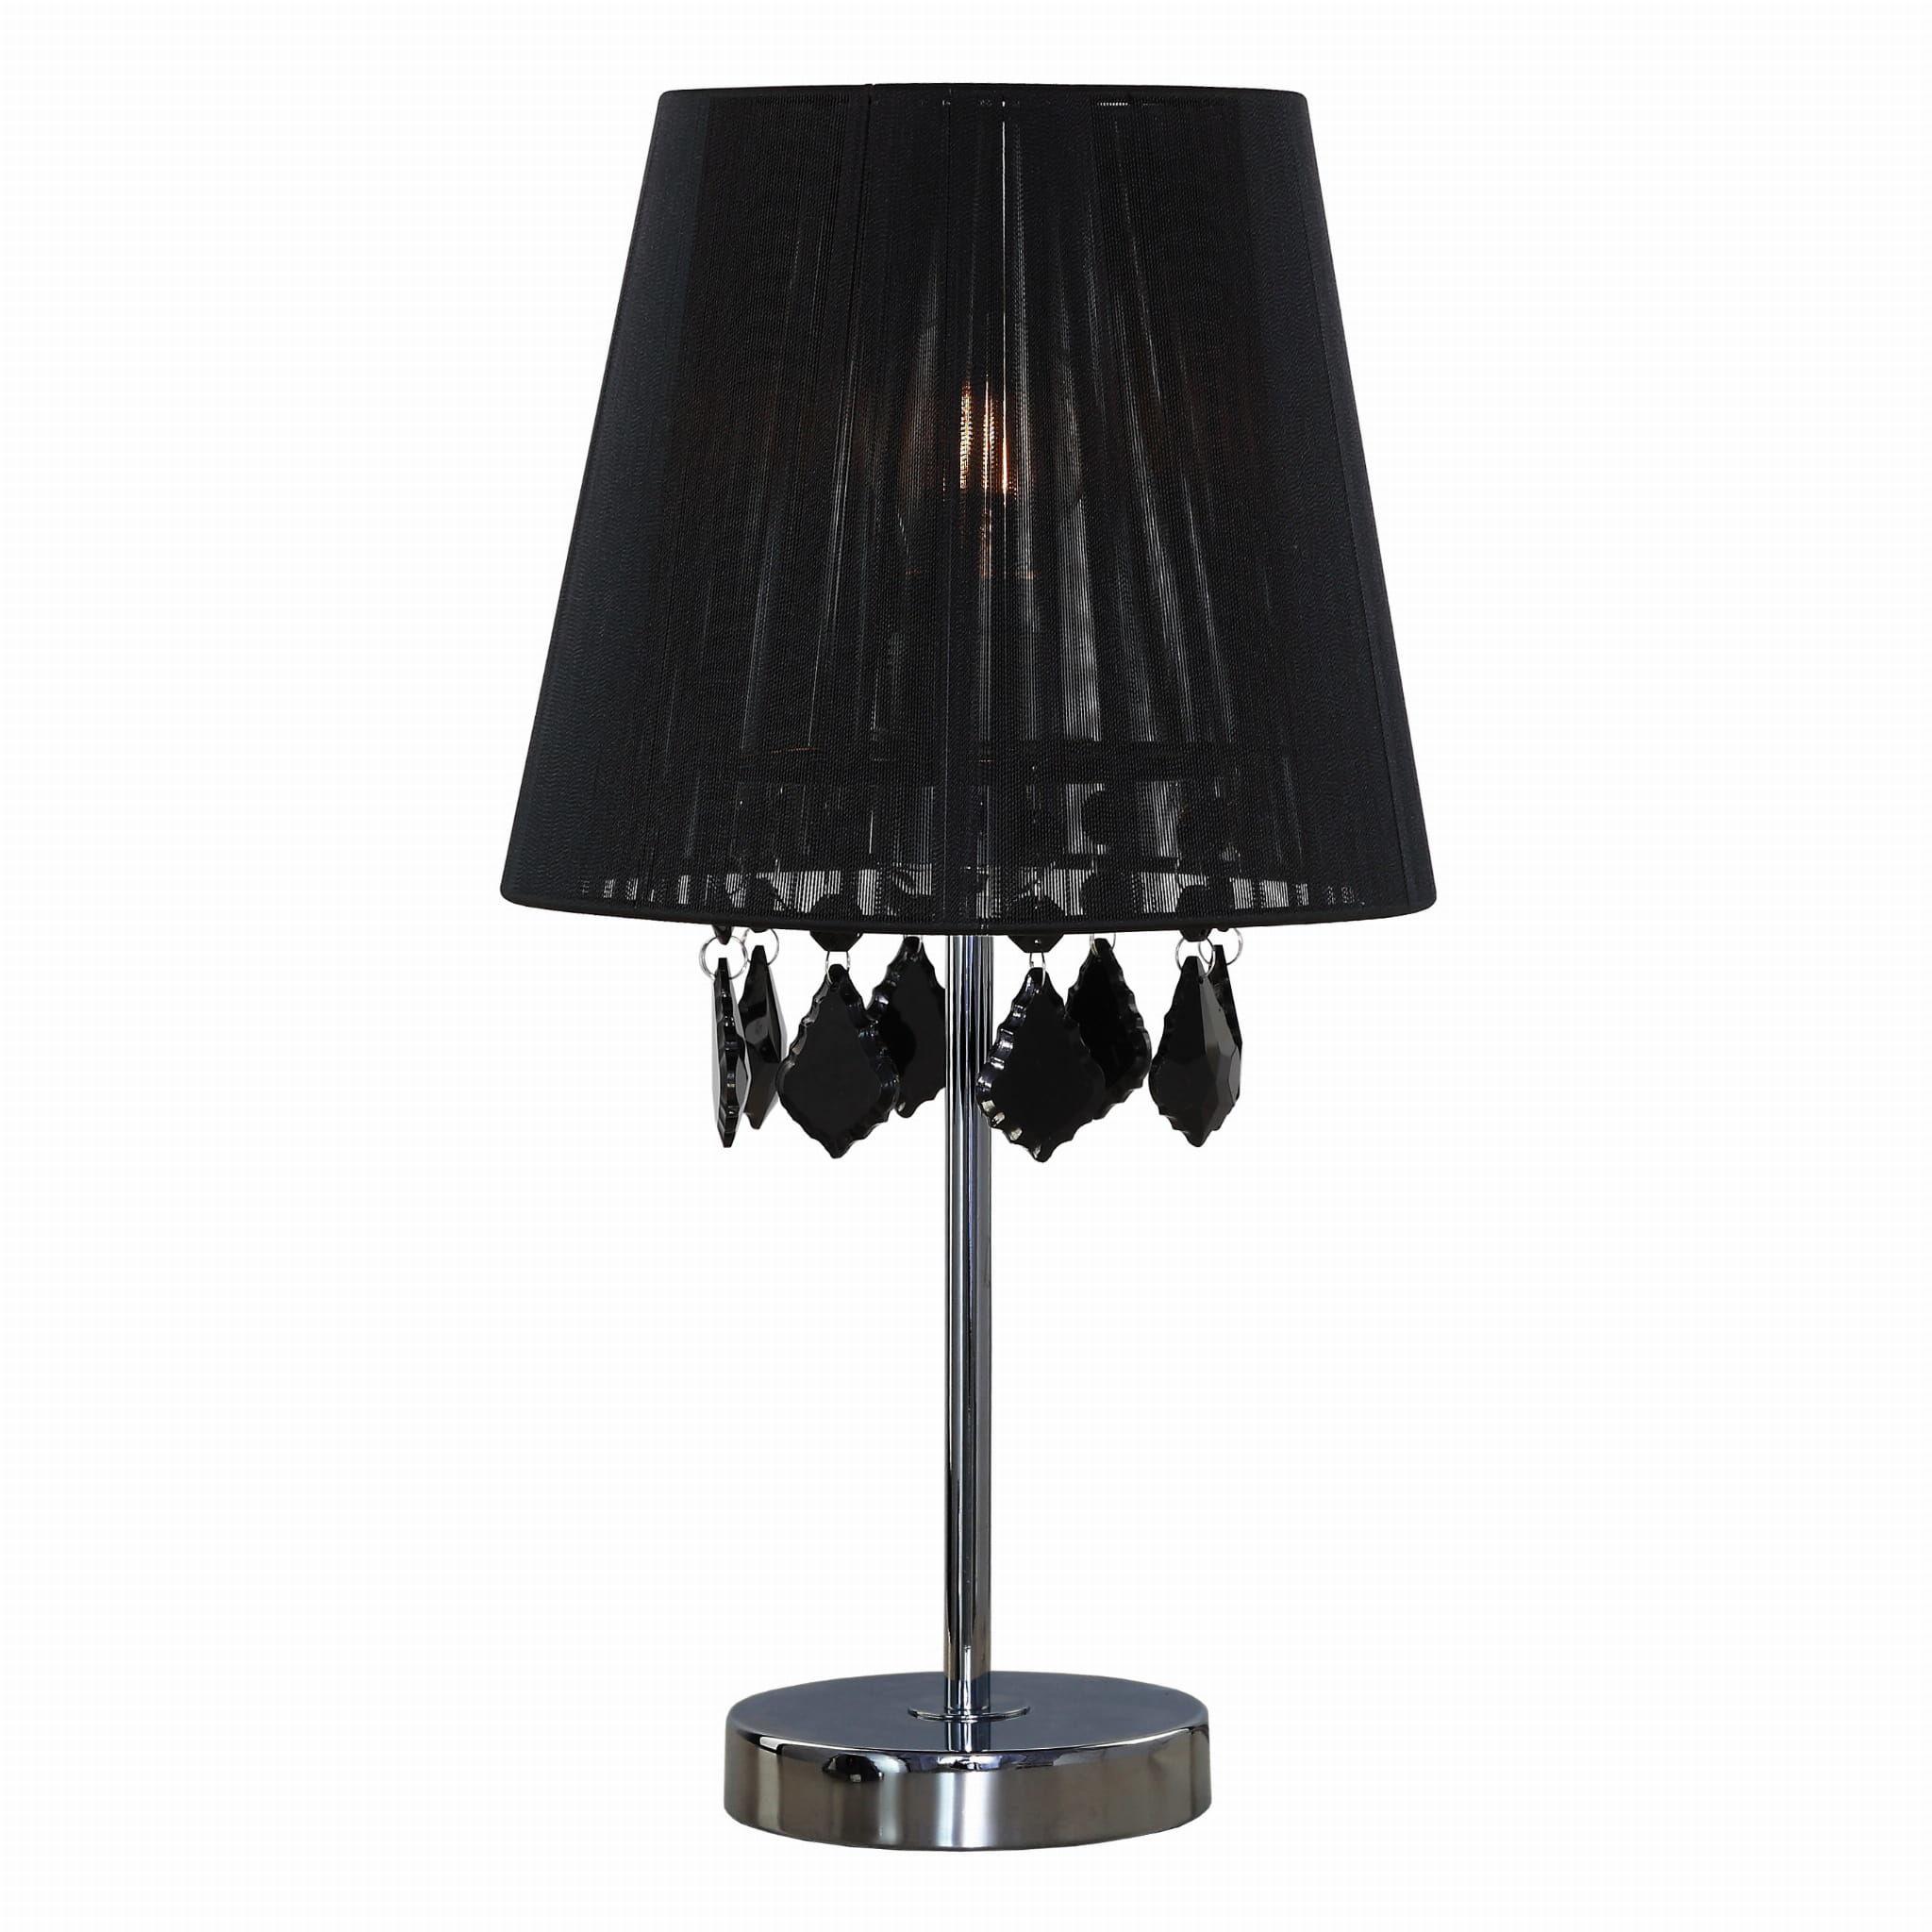 Light Prestige Mona LP-5005/1TS czarna lampa stołowa metalowa abażur tkanina kryształki 1x60W E27 42,5cm